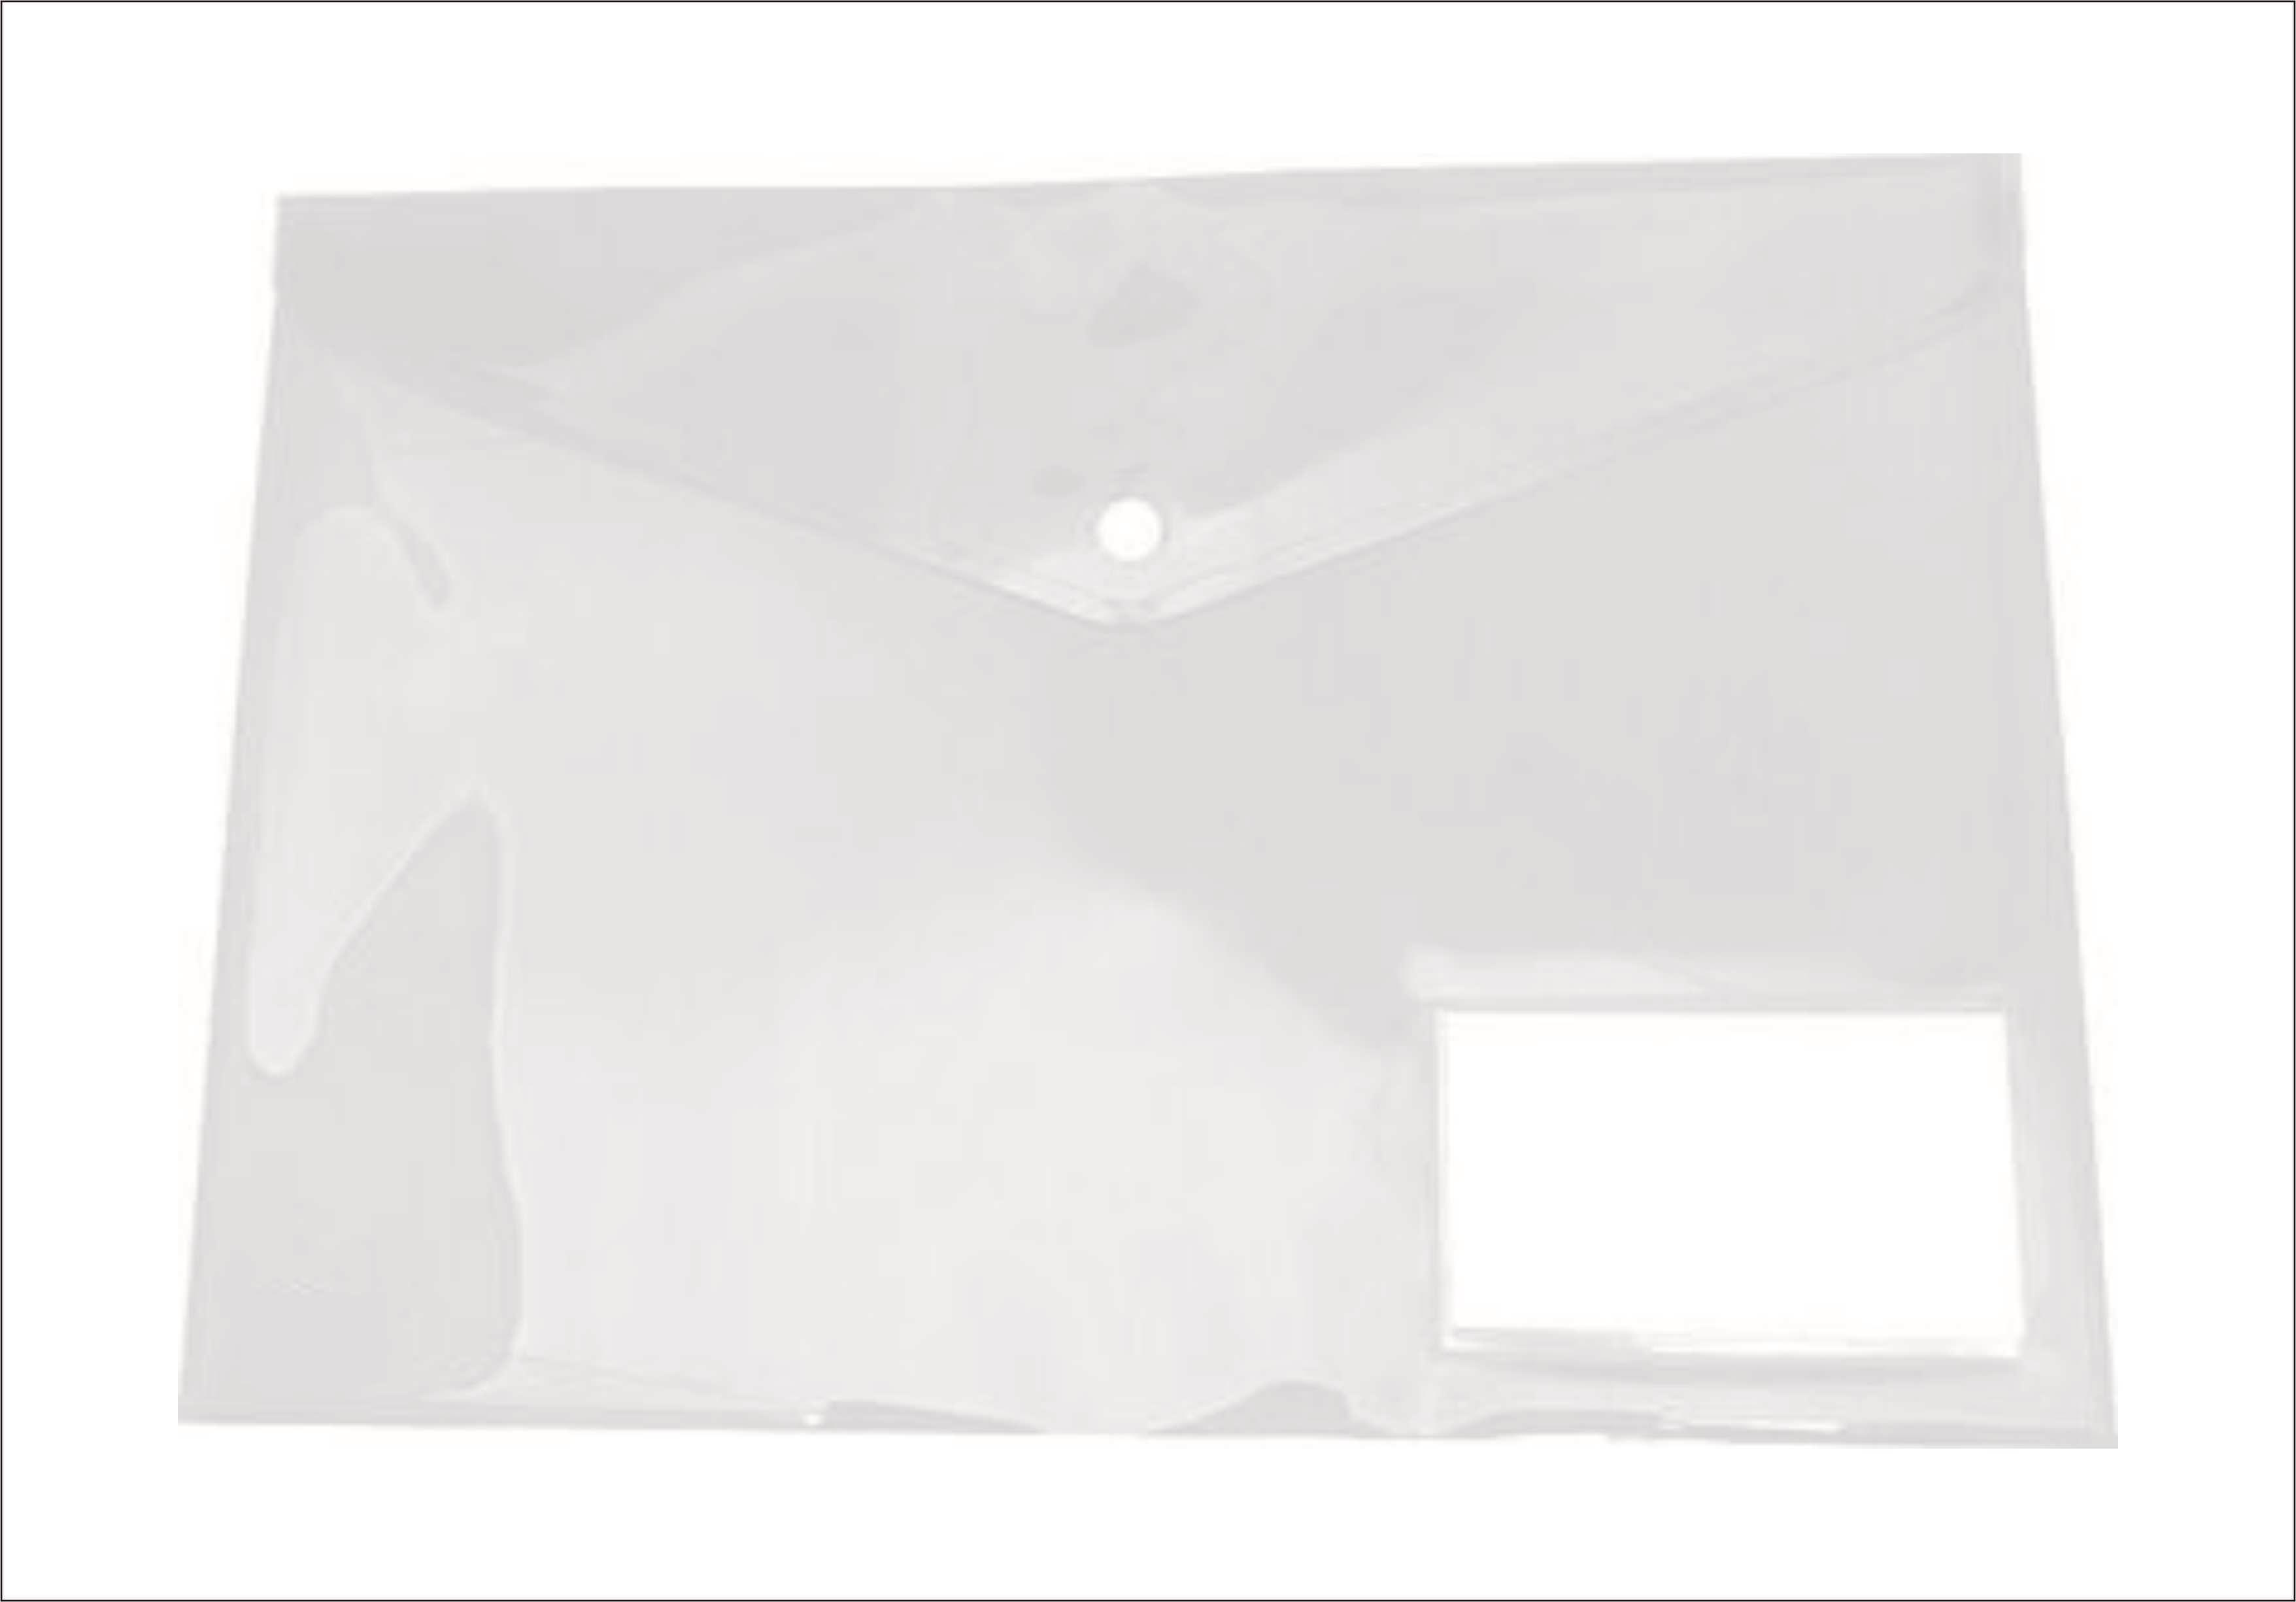 Ντοσιέ κουμπί Α4 με θήκη διάφανο